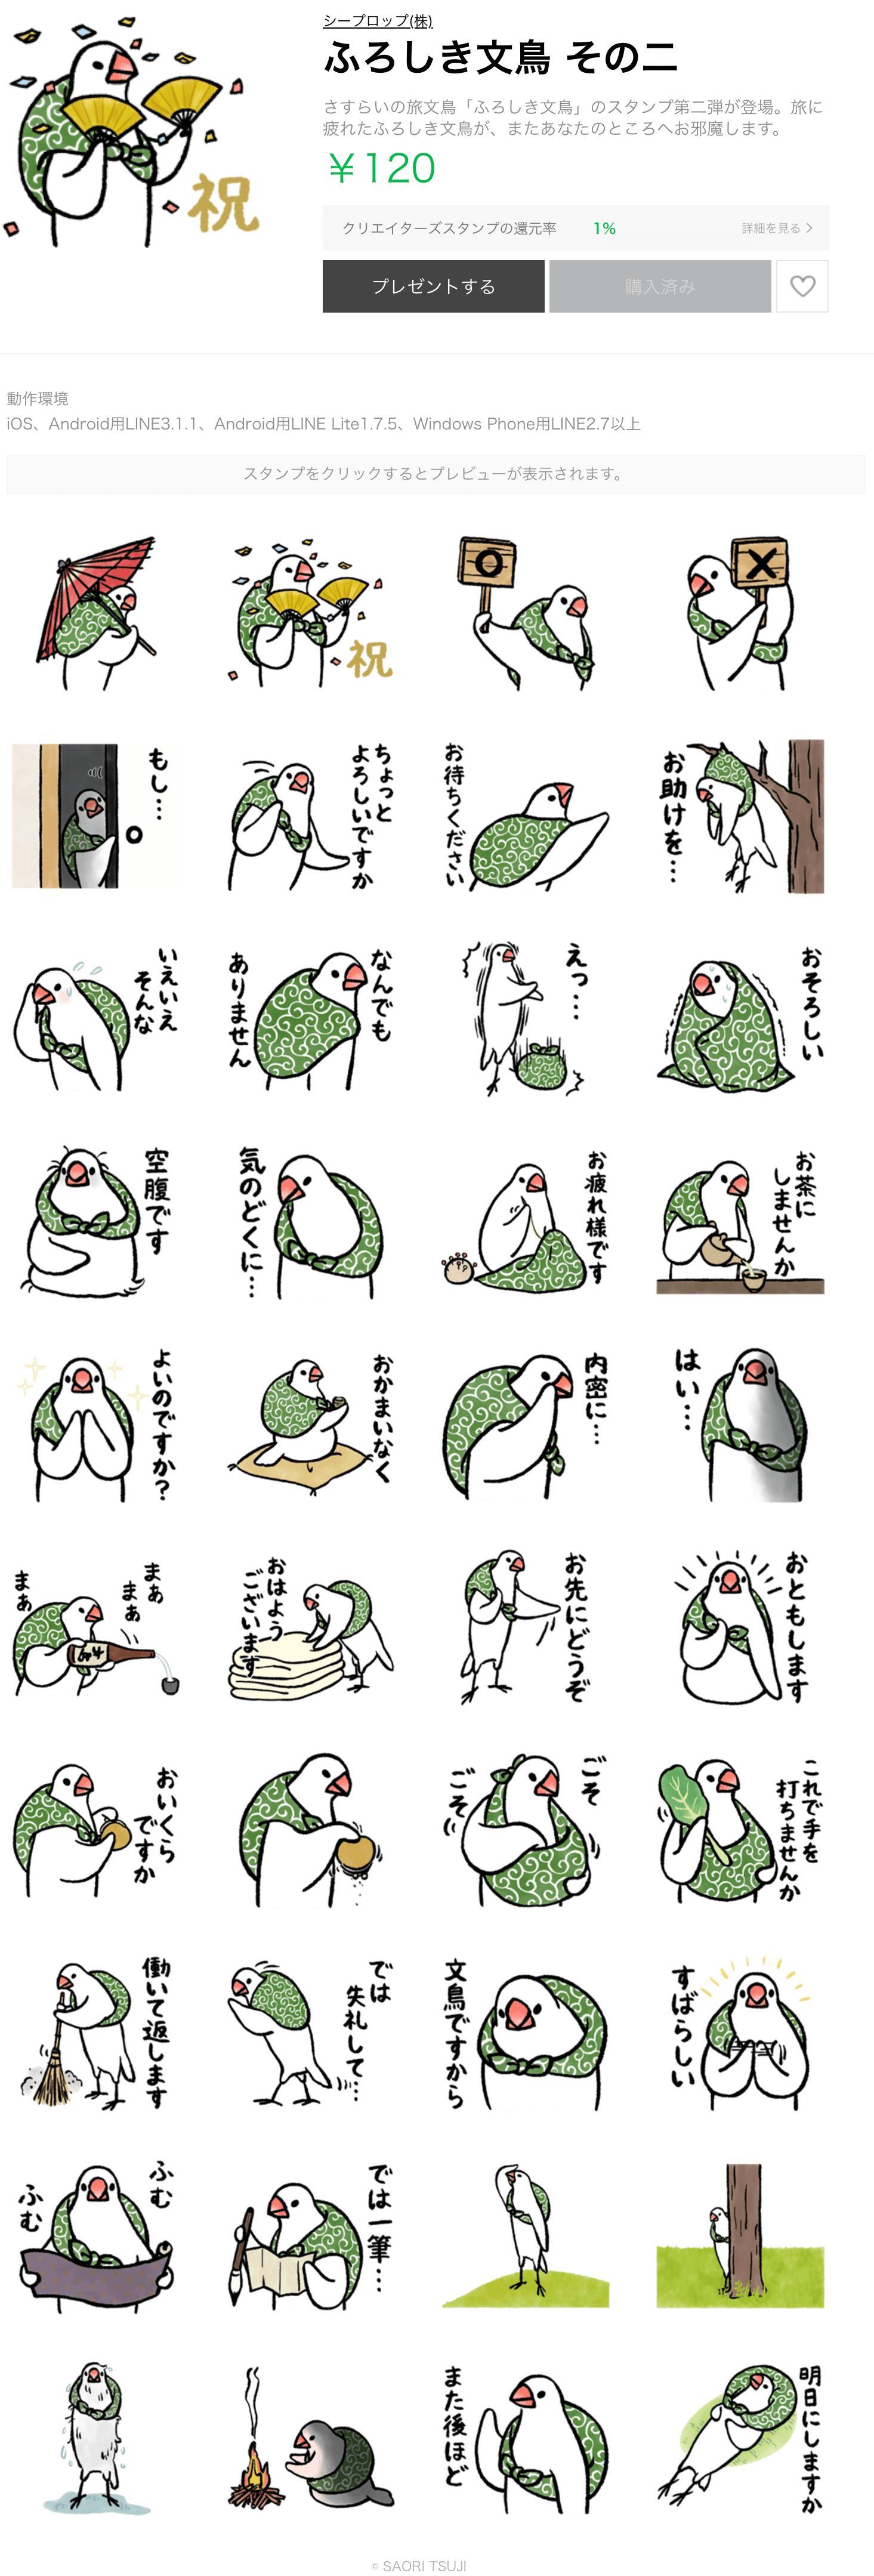 LINEスタンプ(ふろしき文鳥 その二)